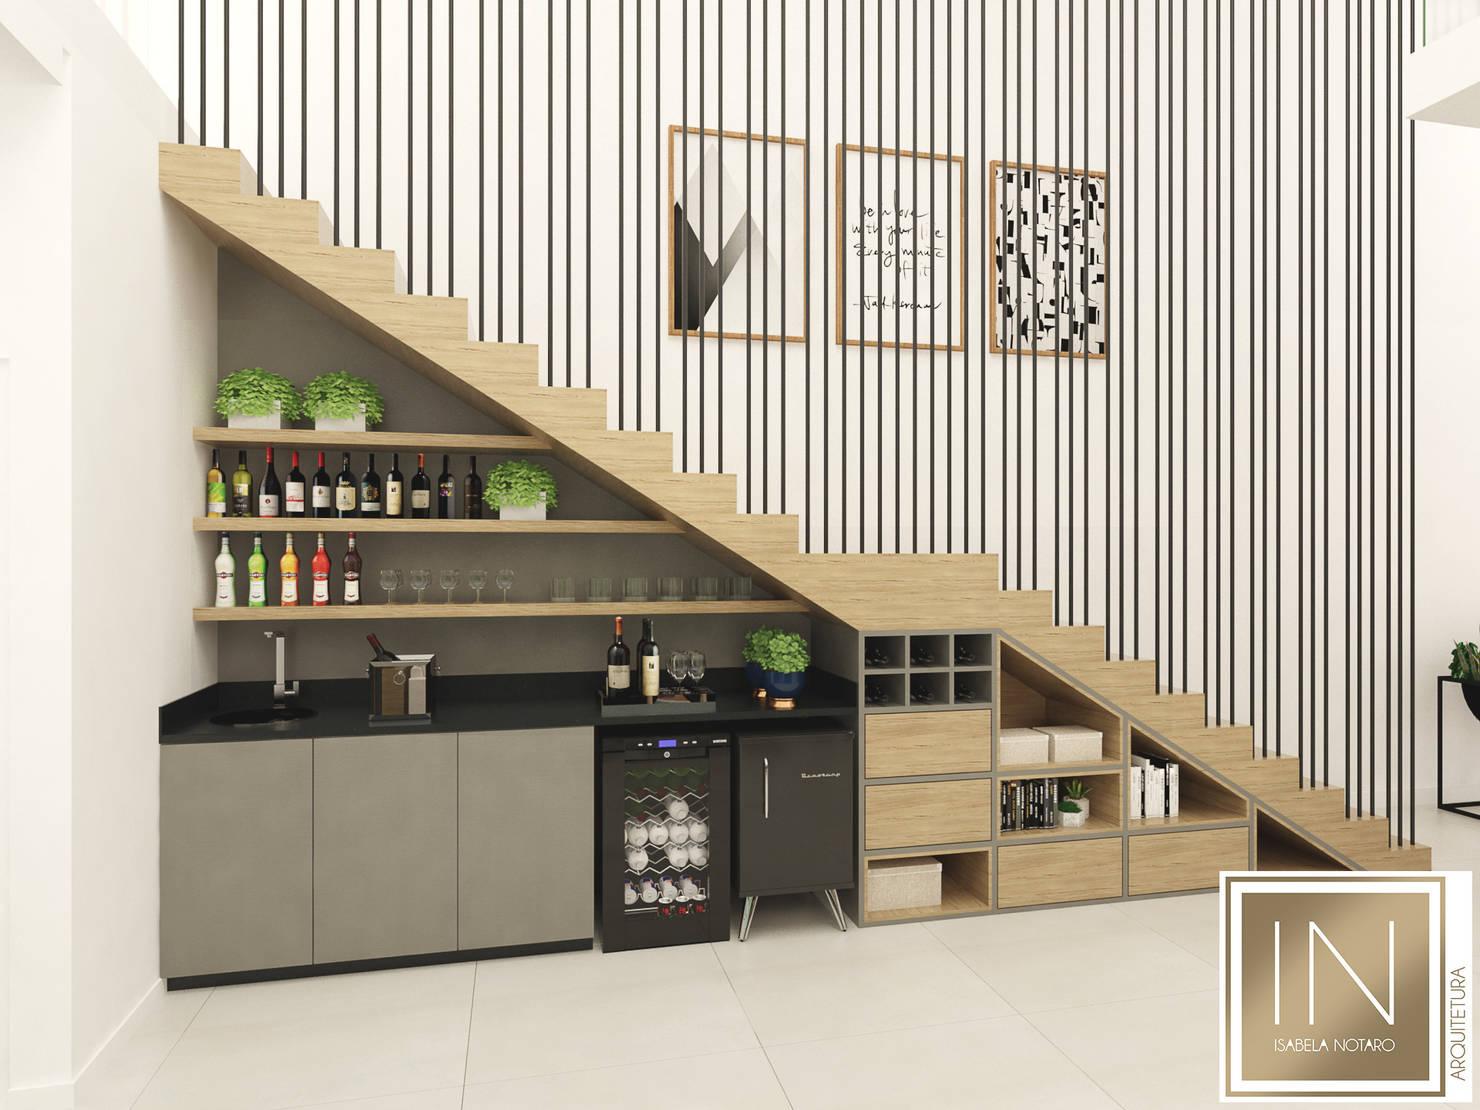 10 ótimas ideias para aproveitar o espaço embaixo da escada